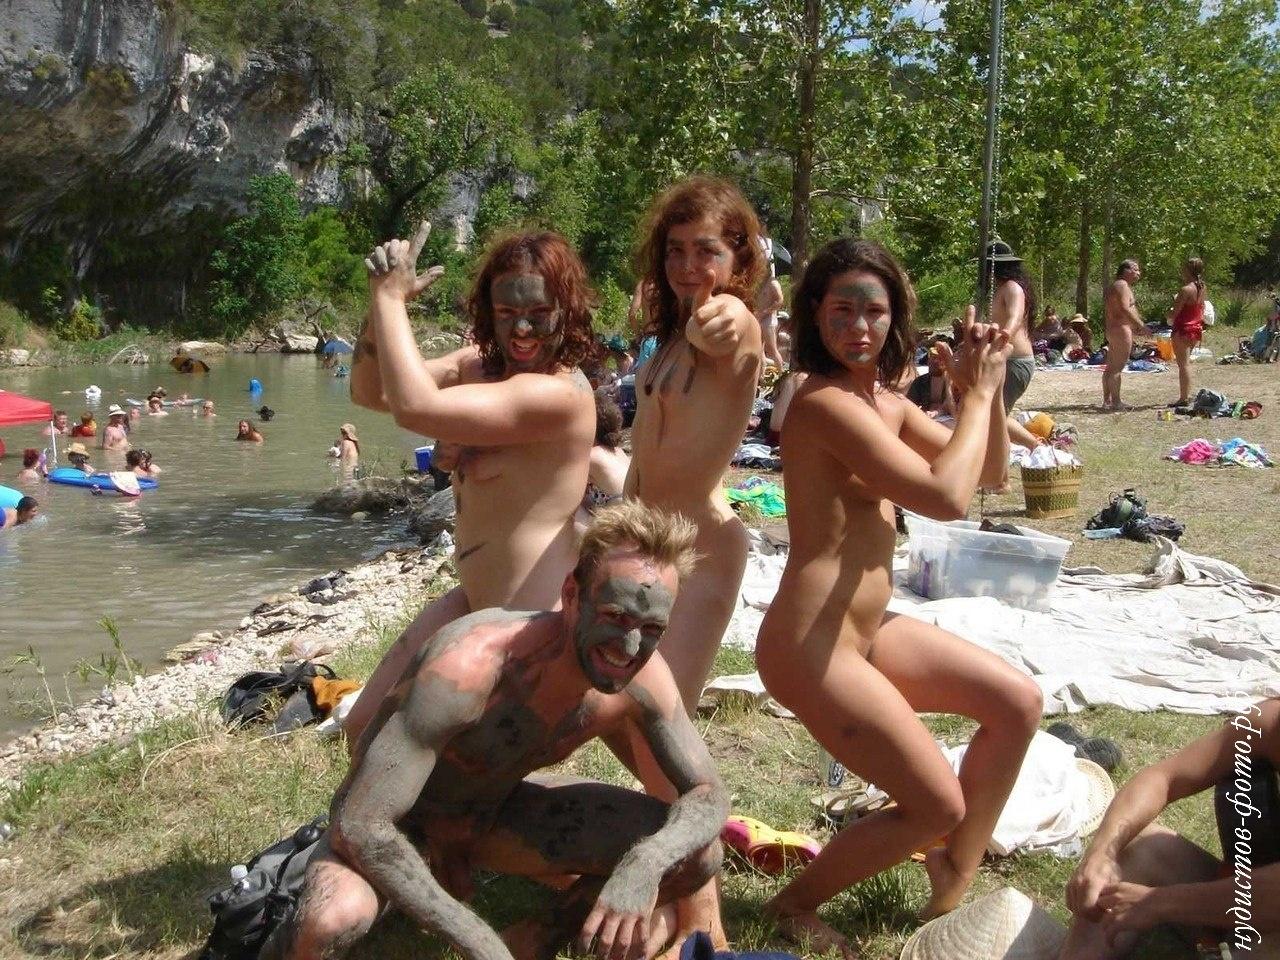 Смотреть бесплатно немецких нудистов 5 фотография